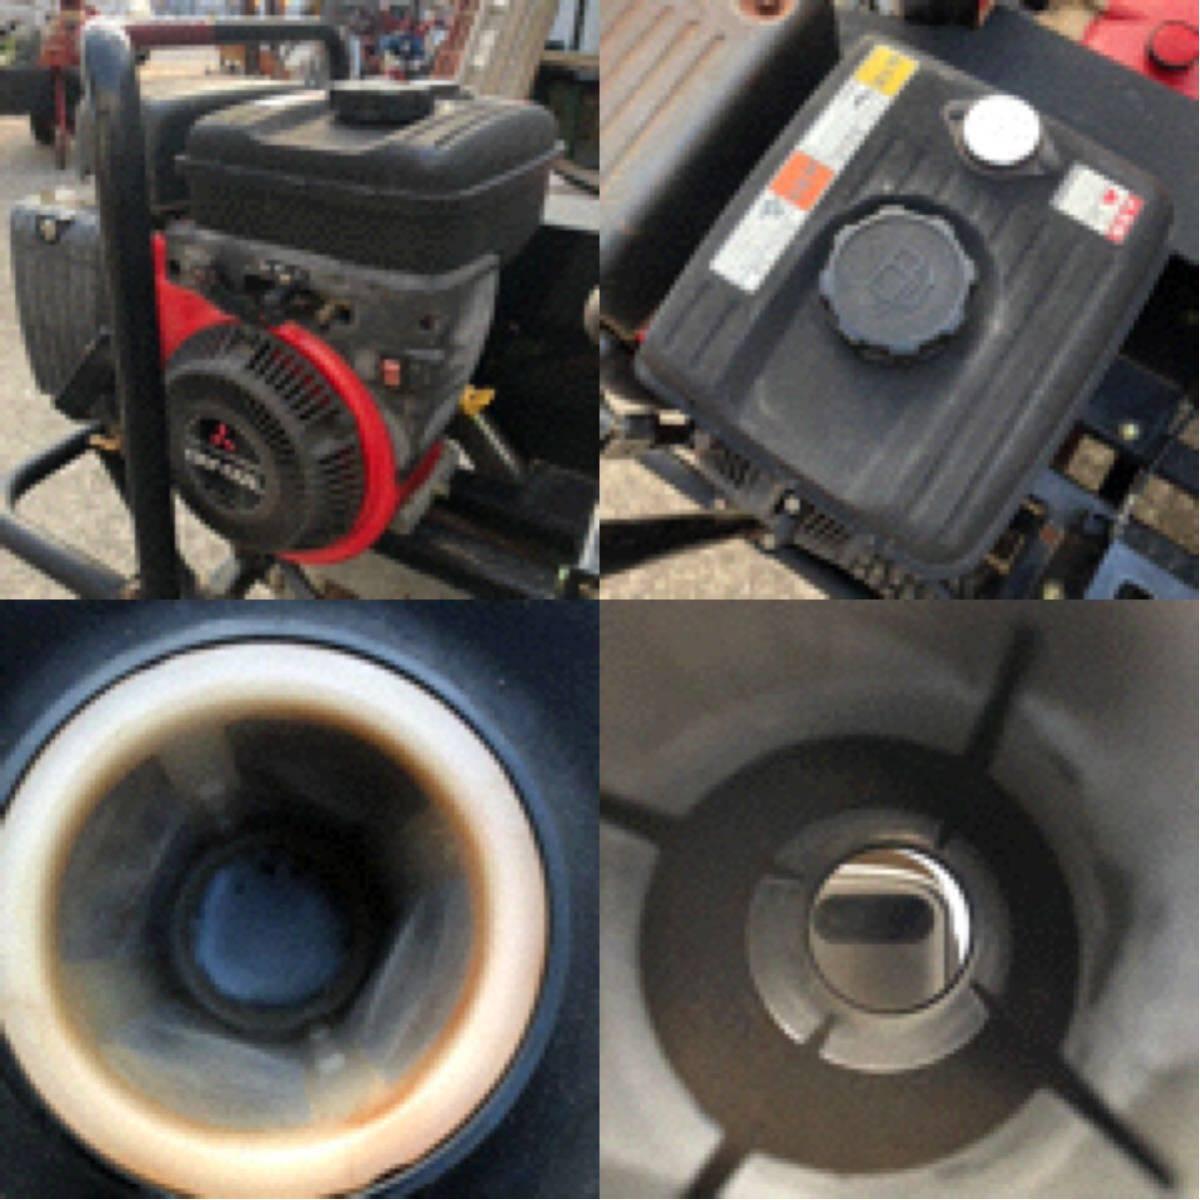 ☆実動☆ 共立 ドライブキャリー動噴 VSC351 KIORITZ 自動巻取り 消毒 高圧洗浄機 噴霧器 動噴_画像7